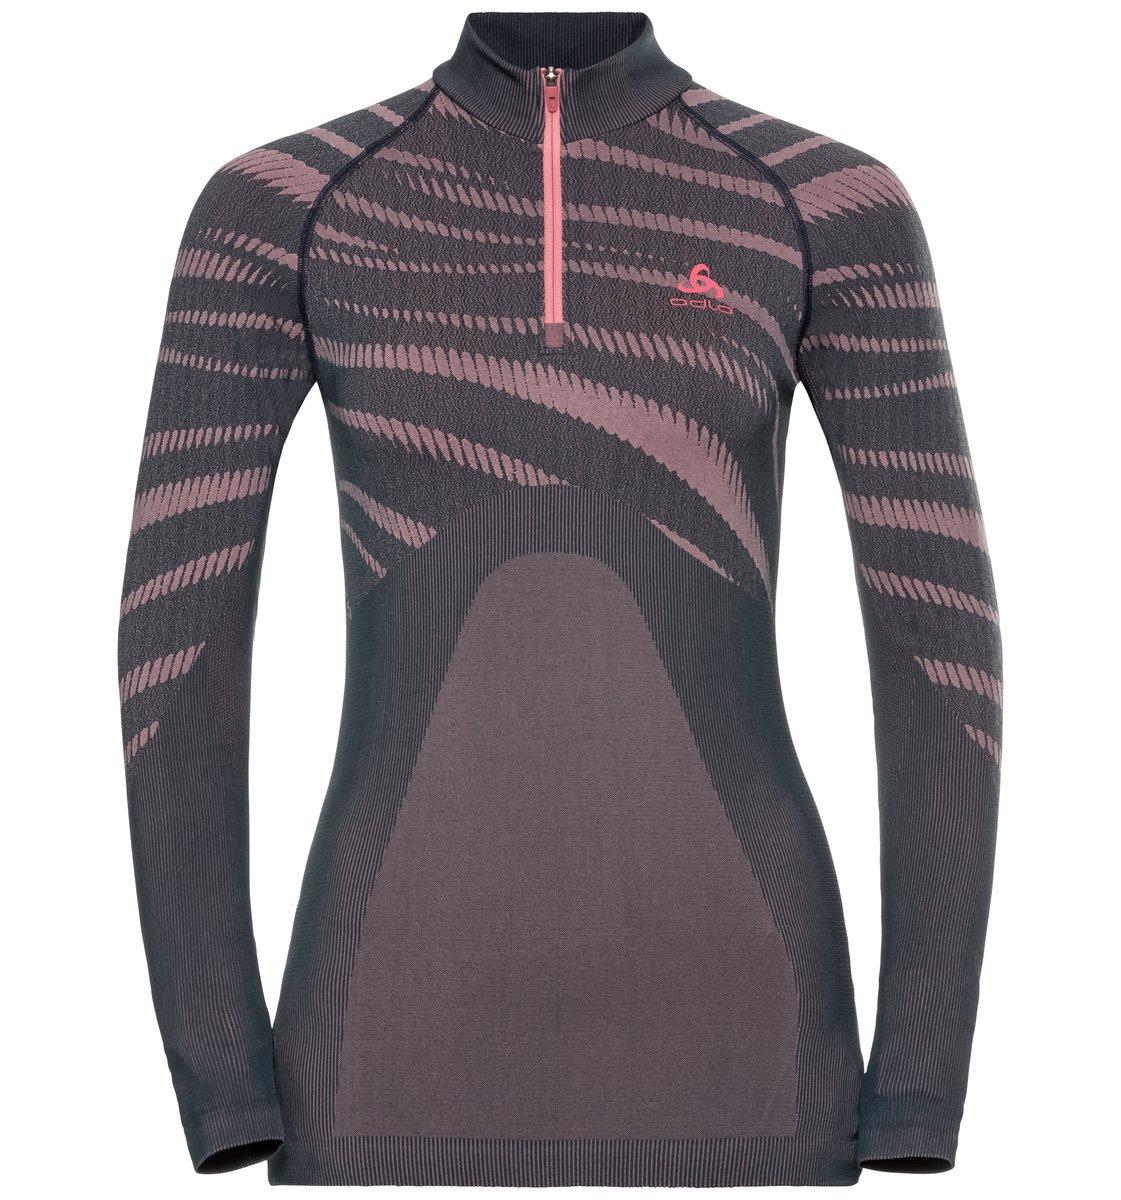 Odlo Damen BLACKCOMB Funktionsunterwäsche Langarm-Shirt mit 1/2 Reißverschluss & Stehkragen - grau rose